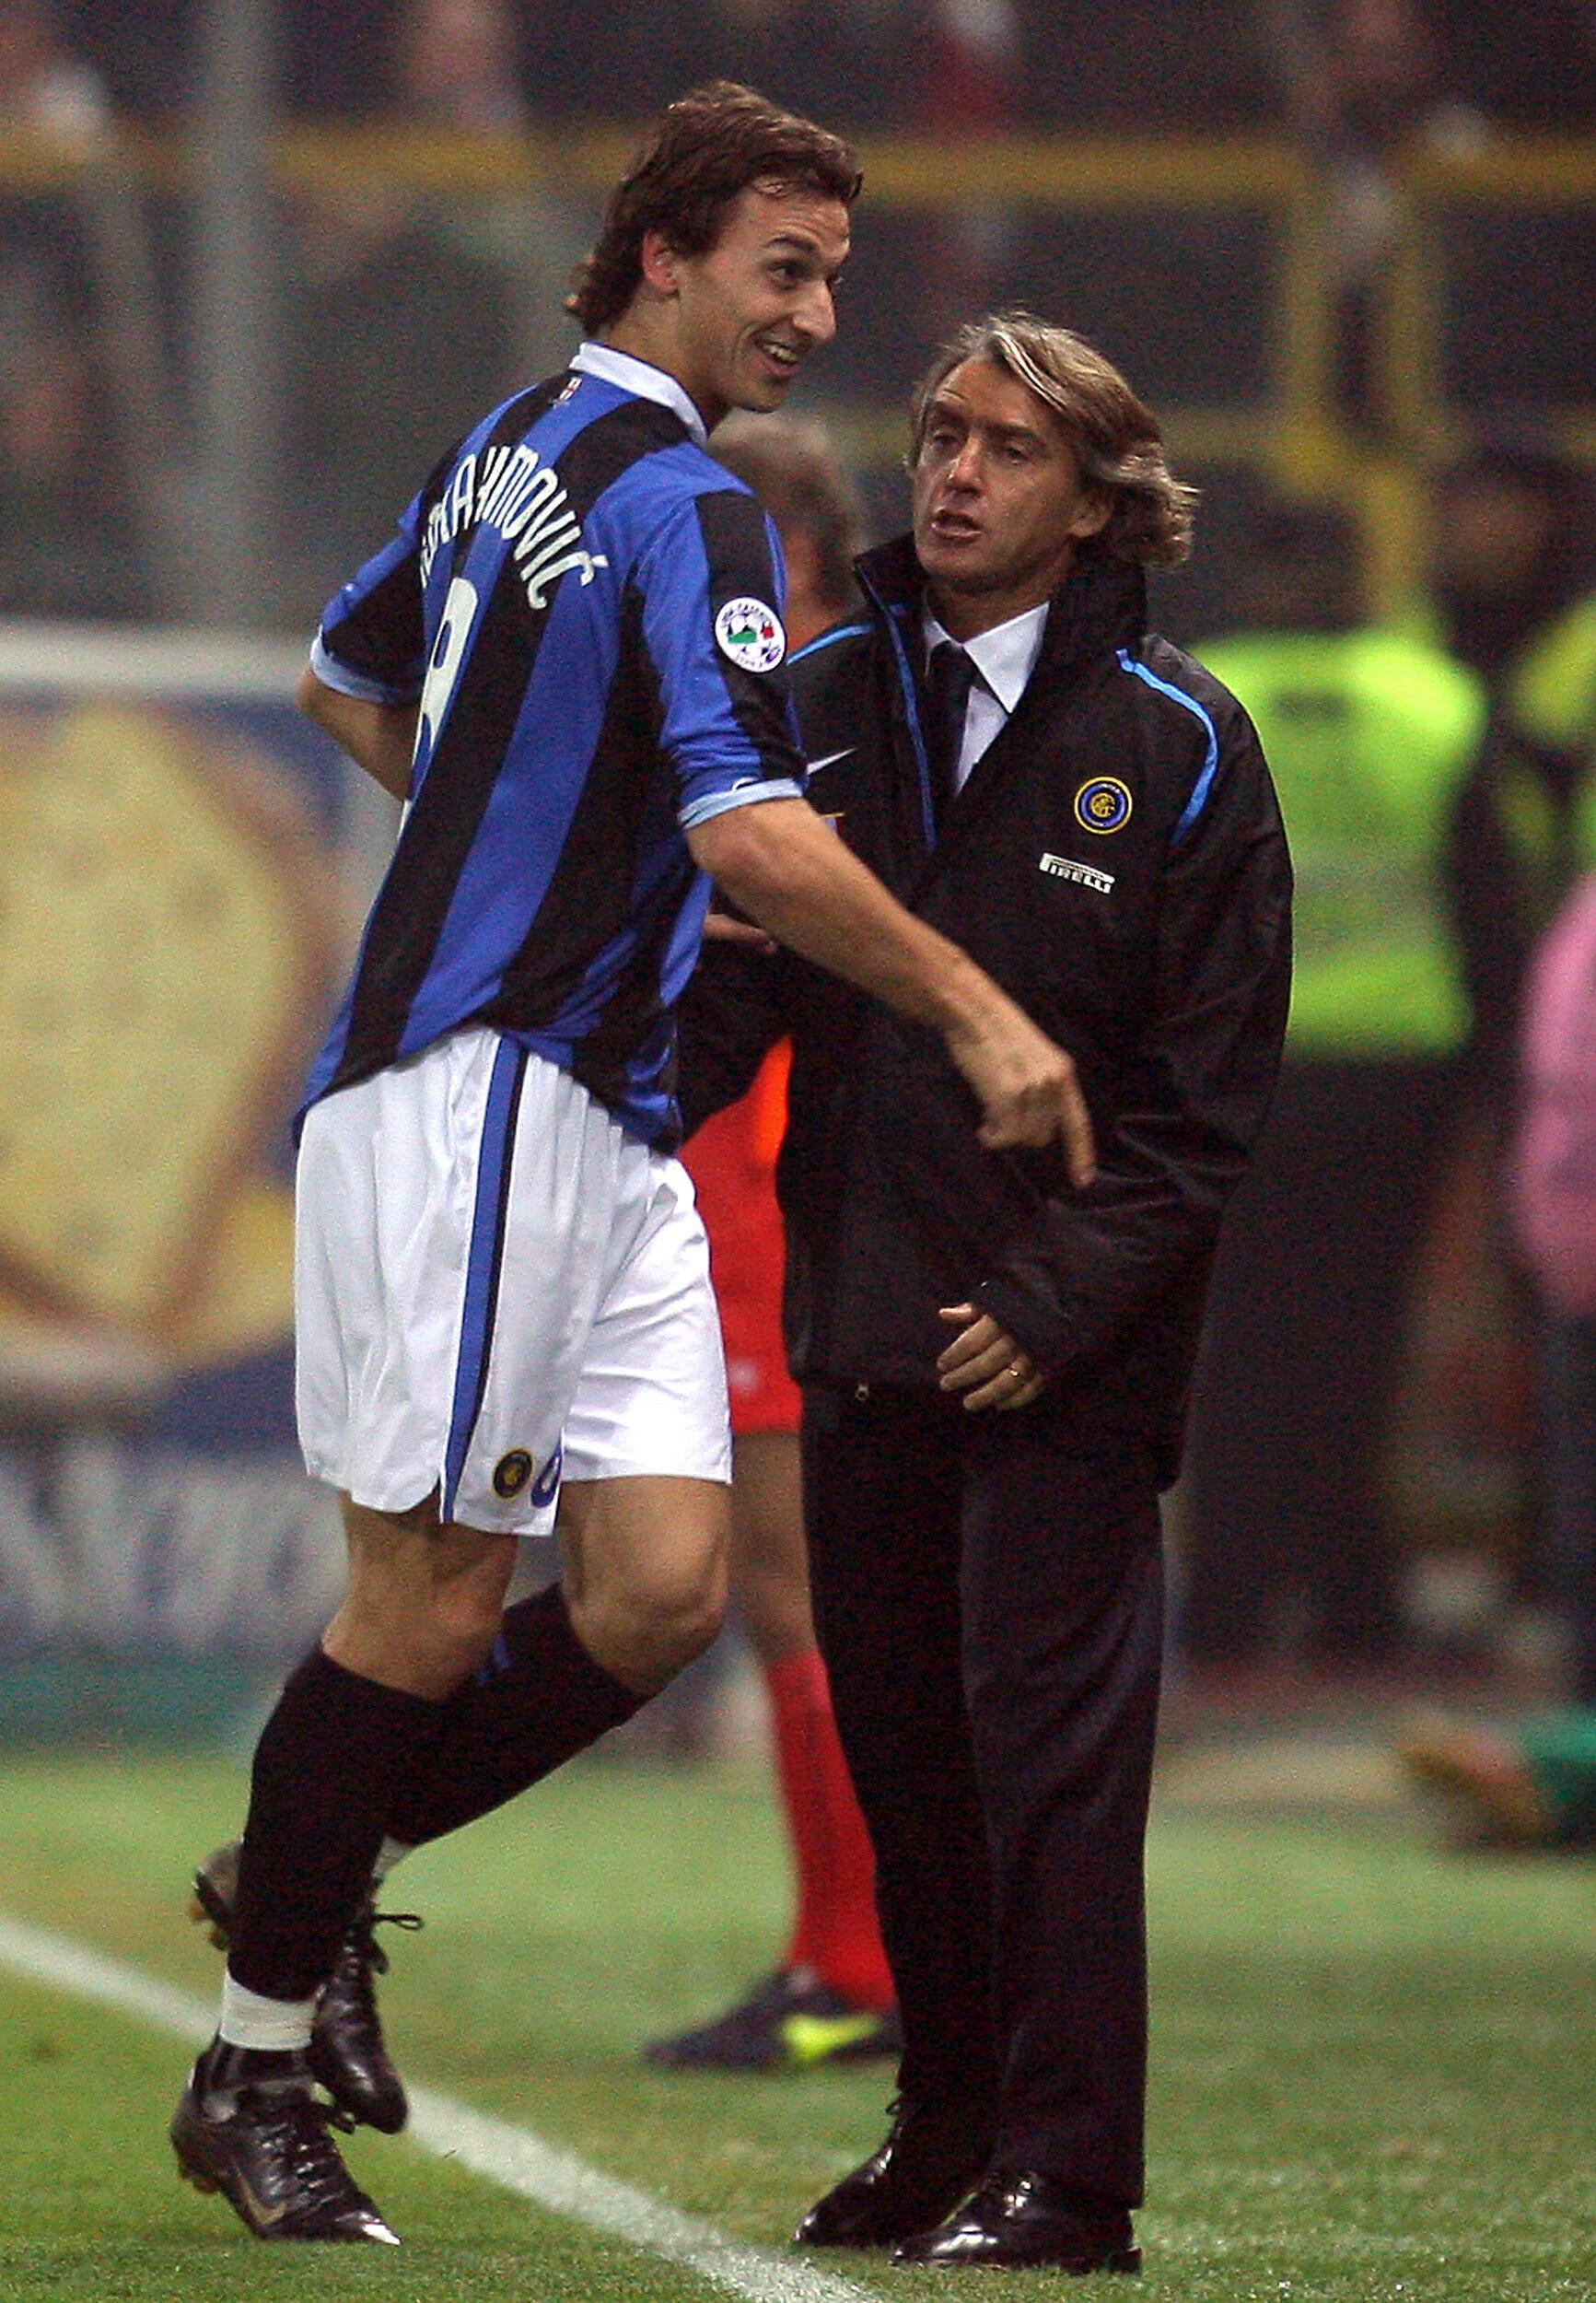 Zlatan Ibrahimovic in maglia dell'Inter con il suo allenatore all'epoca Roberto Mancini sul prato del Parma in serie A il 12 novembre 2006